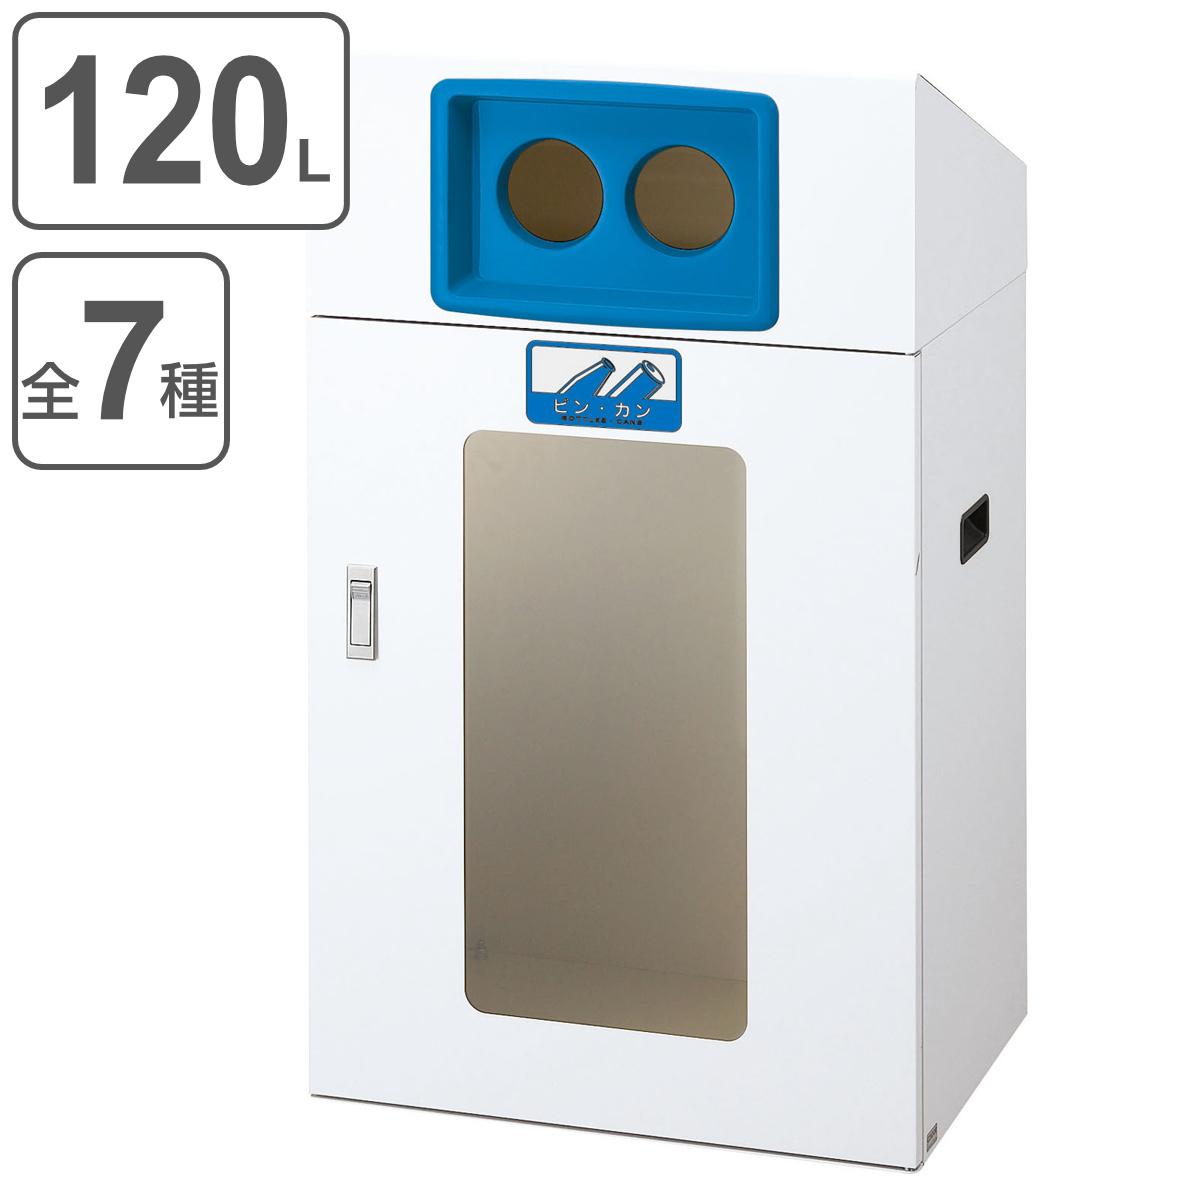 分別ゴミ箱 屋外用 リサイクルボックス YOS-90 ( 送料無料 ダストボックス 屑入れ 業務用 )